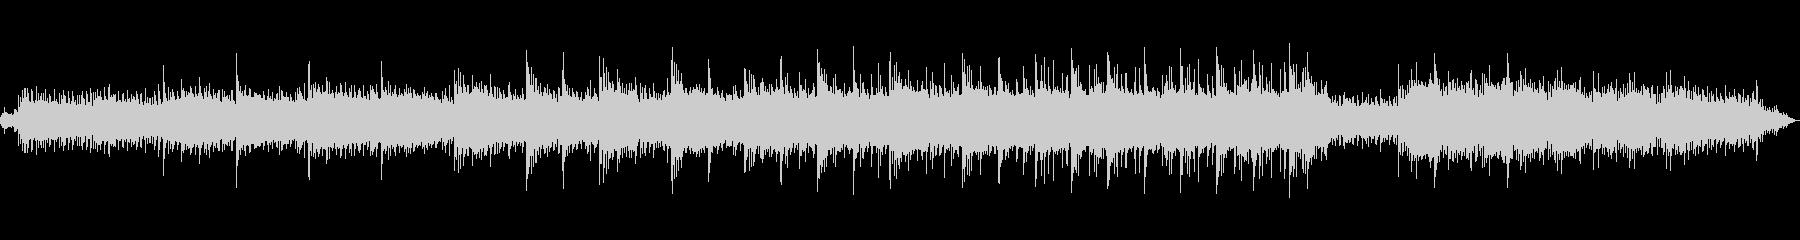 ピアノと水音によるヒーリングミュージックの未再生の波形